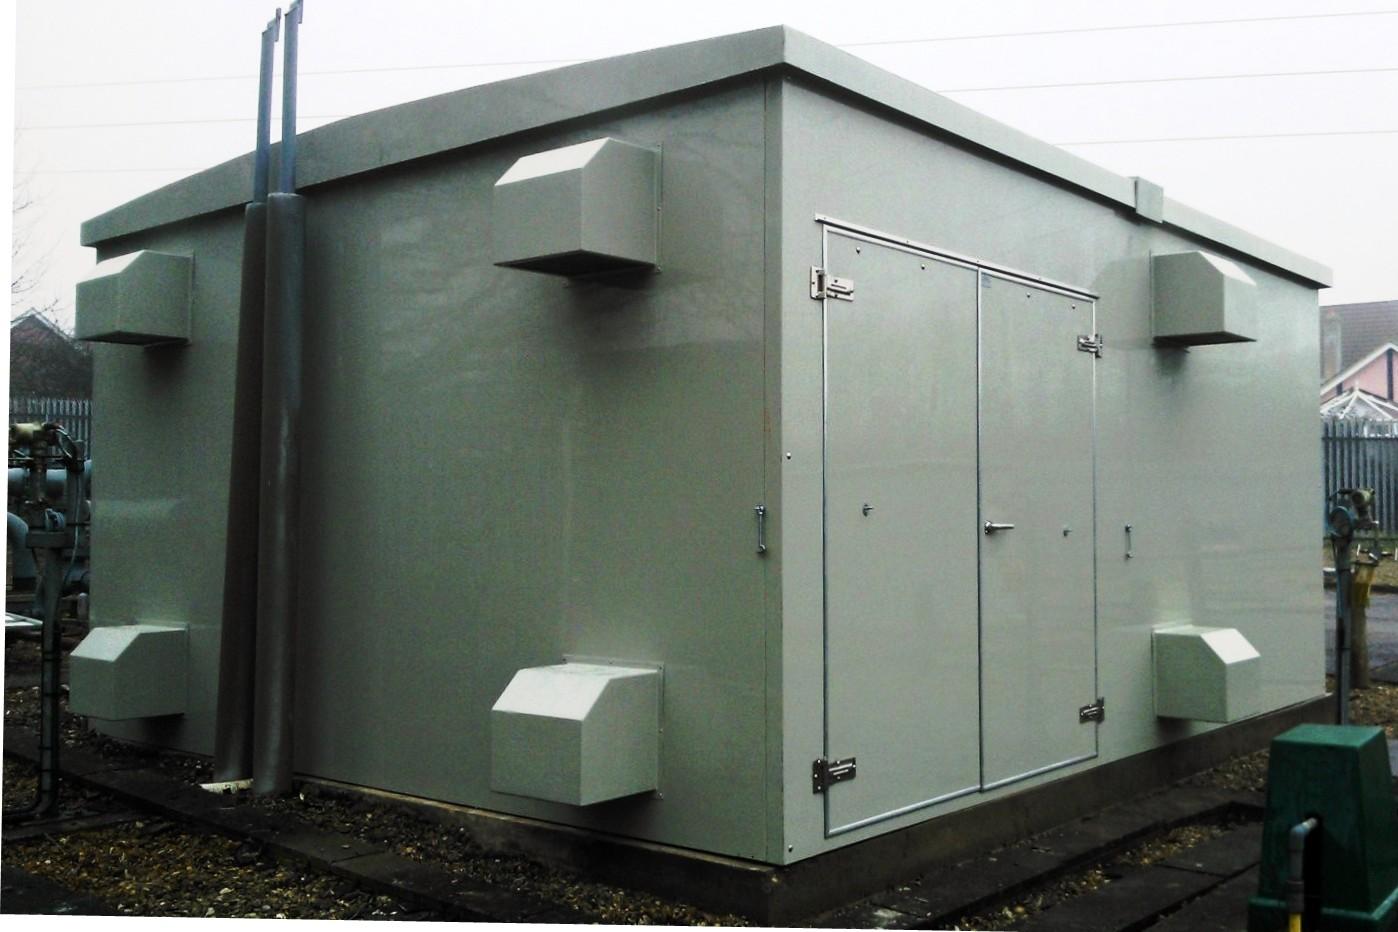 Grp Kiosks Grp Housing Amp Kiosk Manufacturer Uk